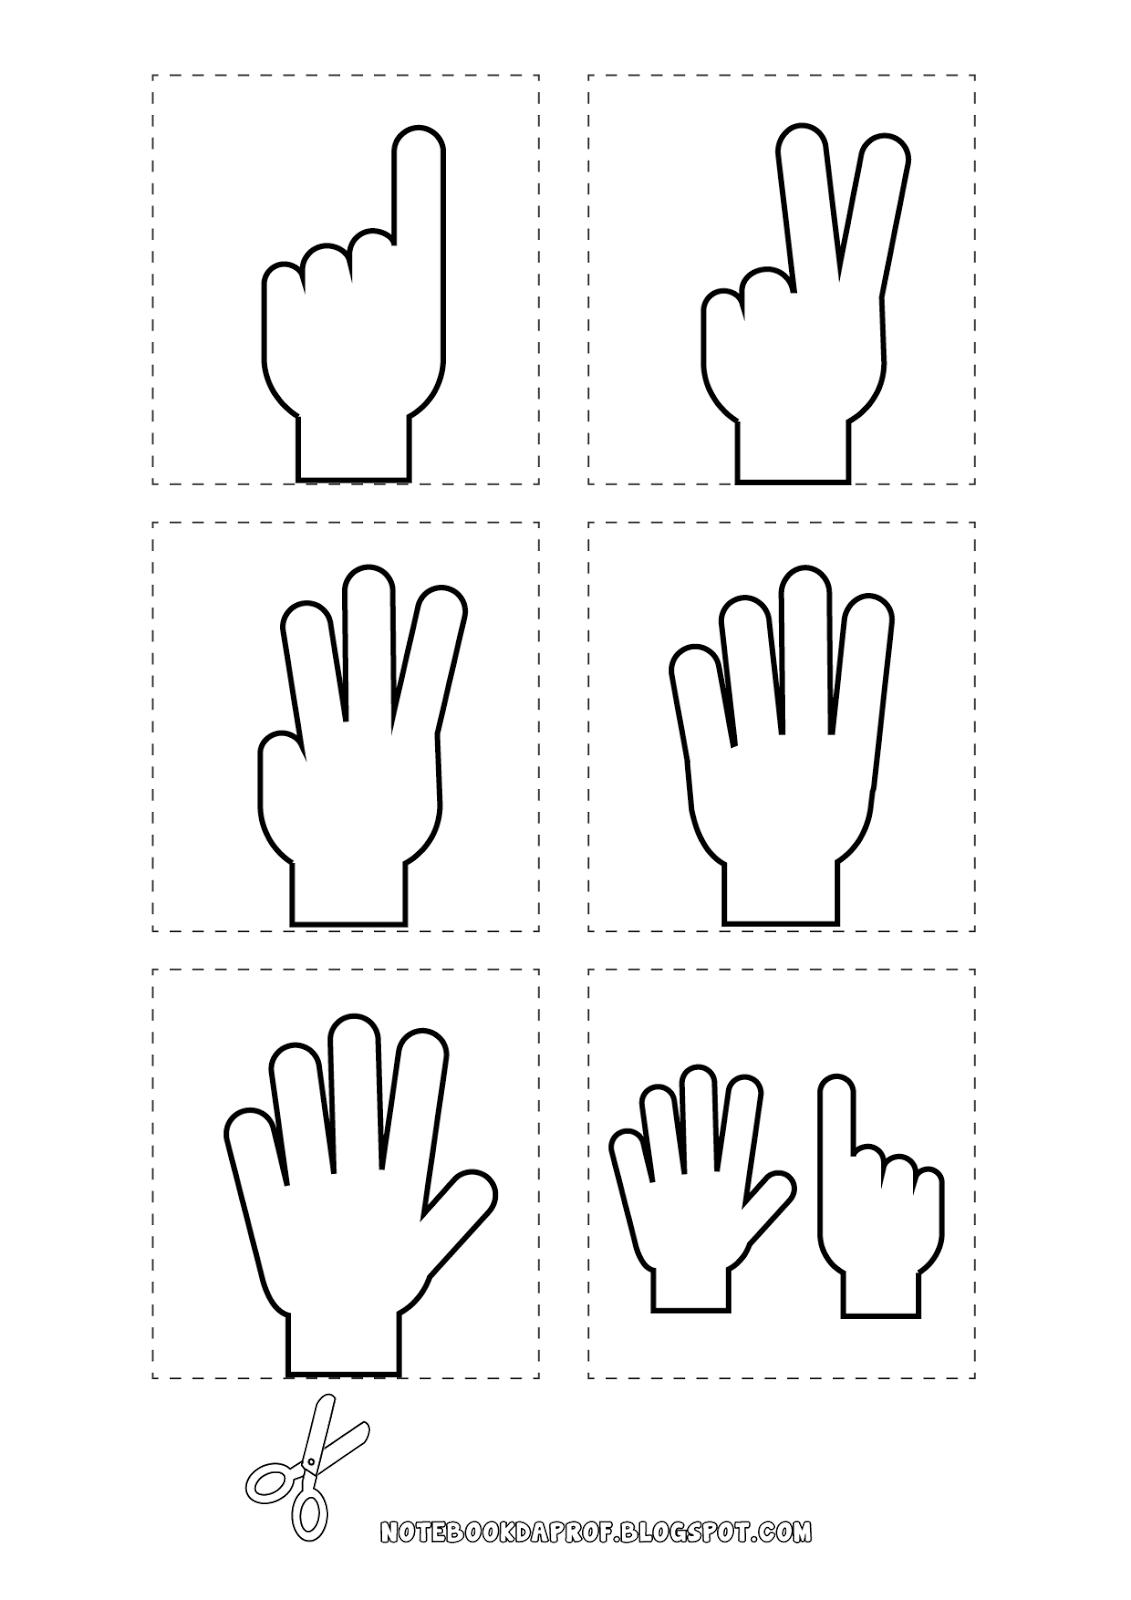 0 a 10 wiring diagram for aftermarket power windows notebook da profª atividade contando com as mãos